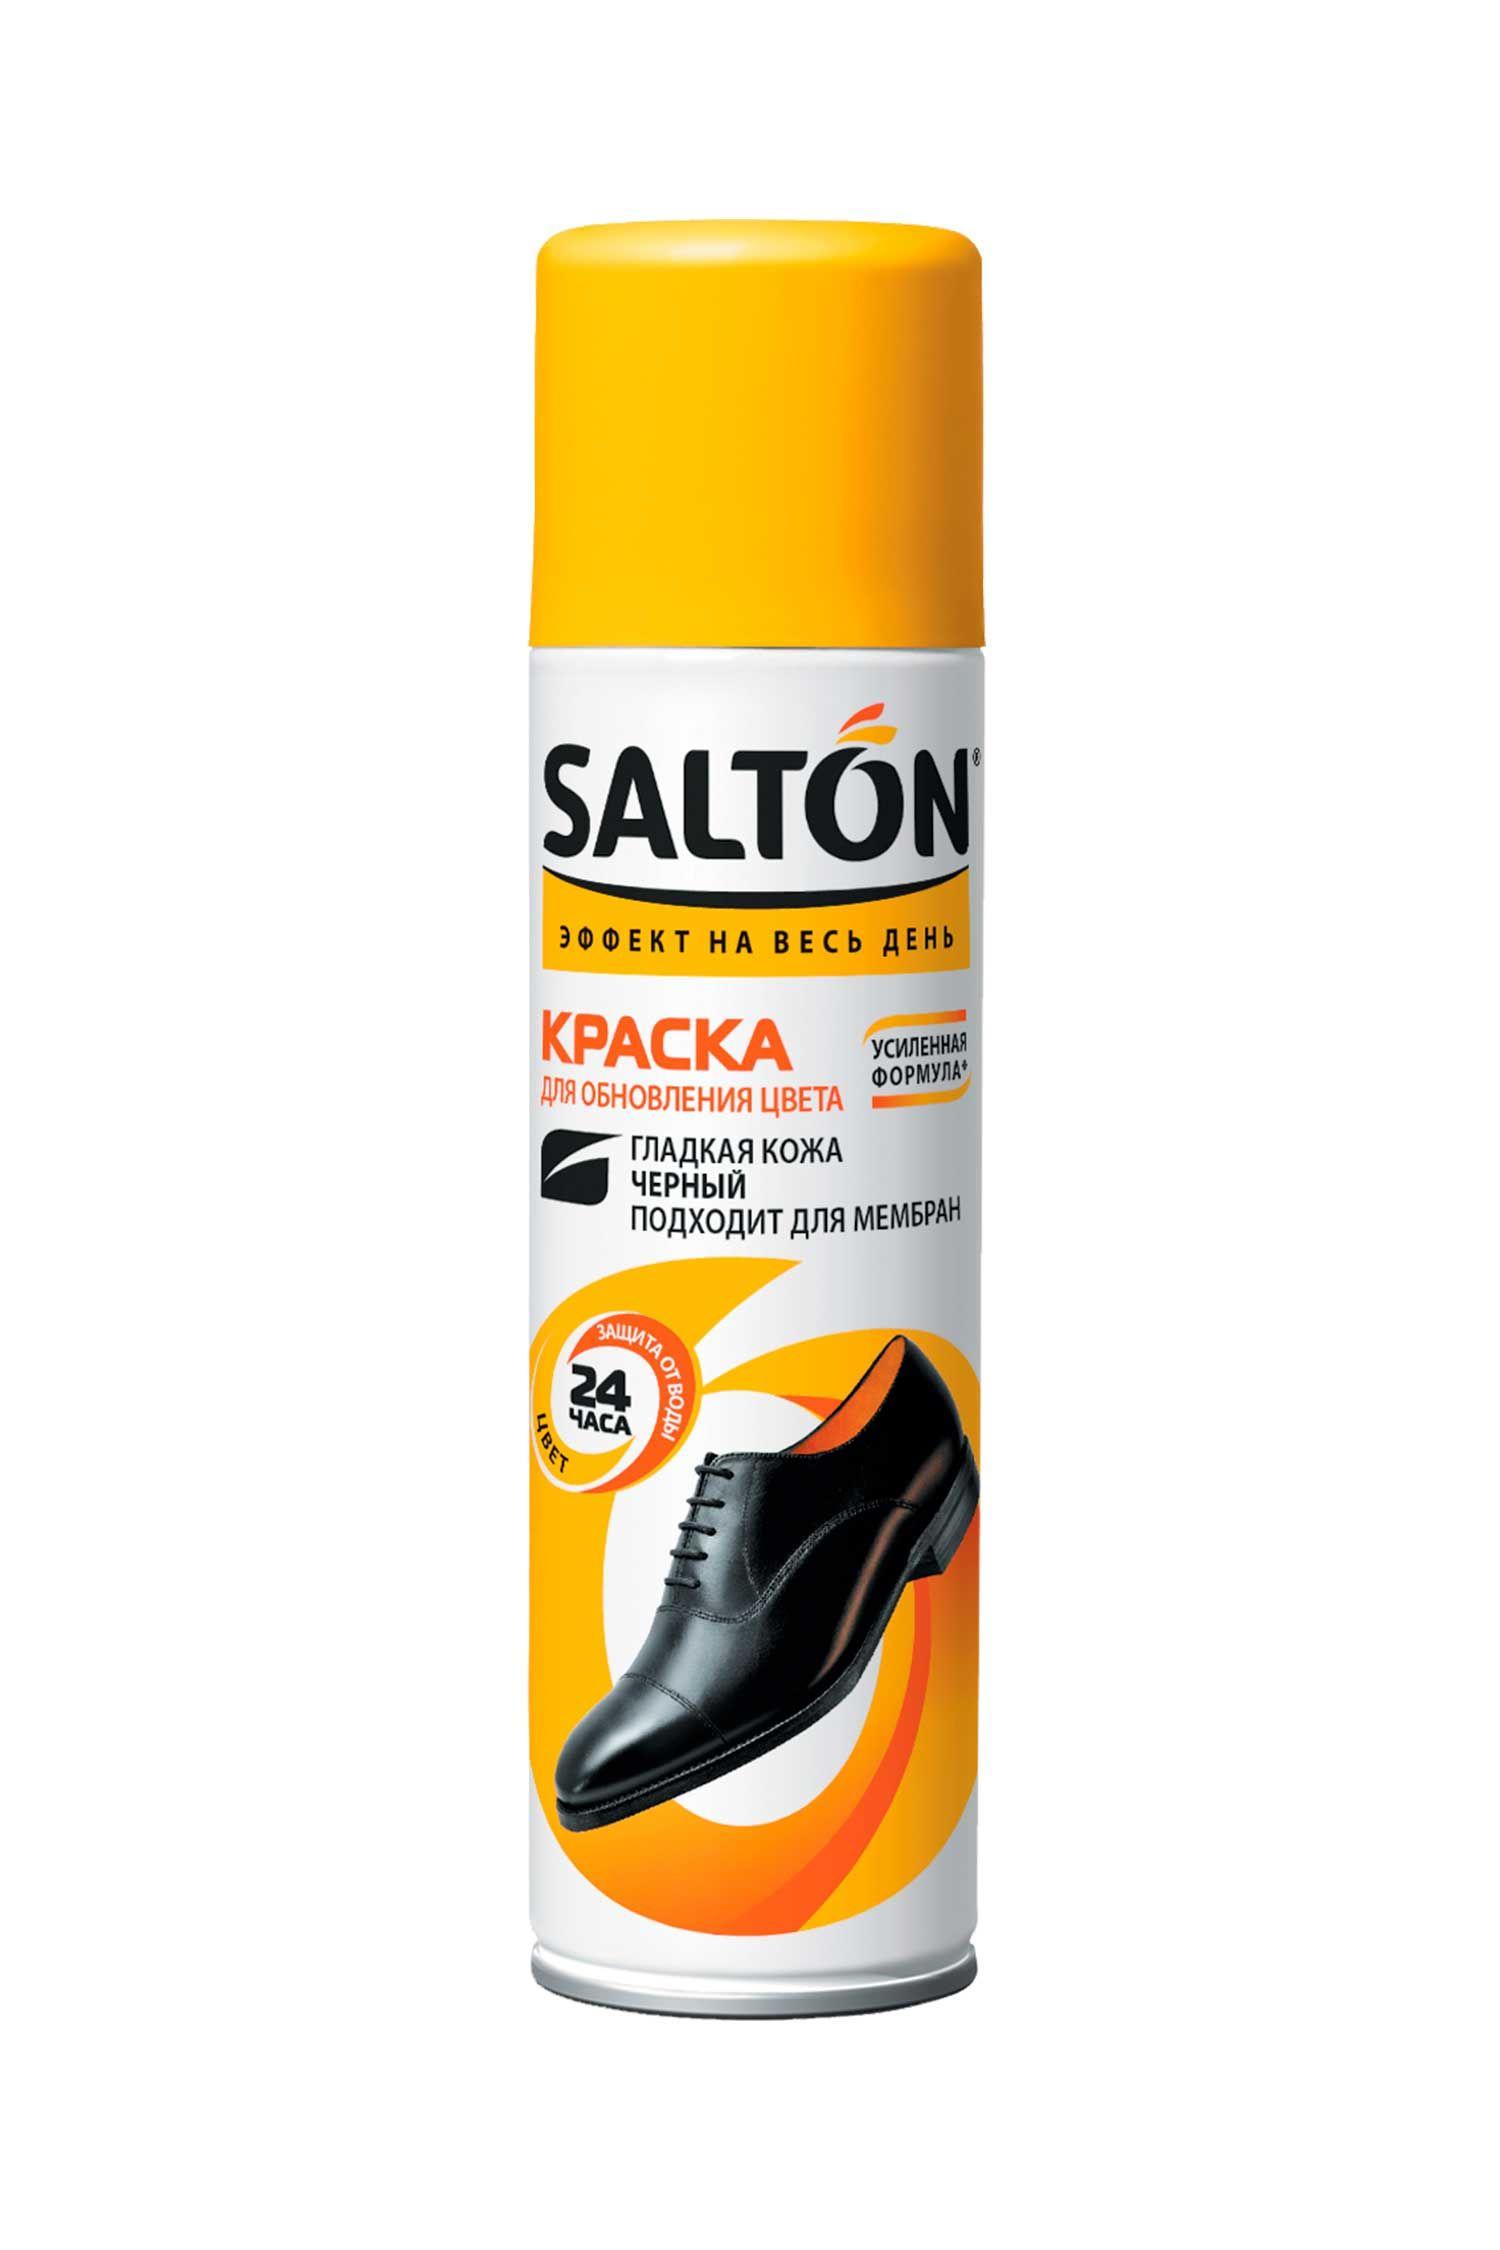 Краска для обновления цвета Salton для гладкой